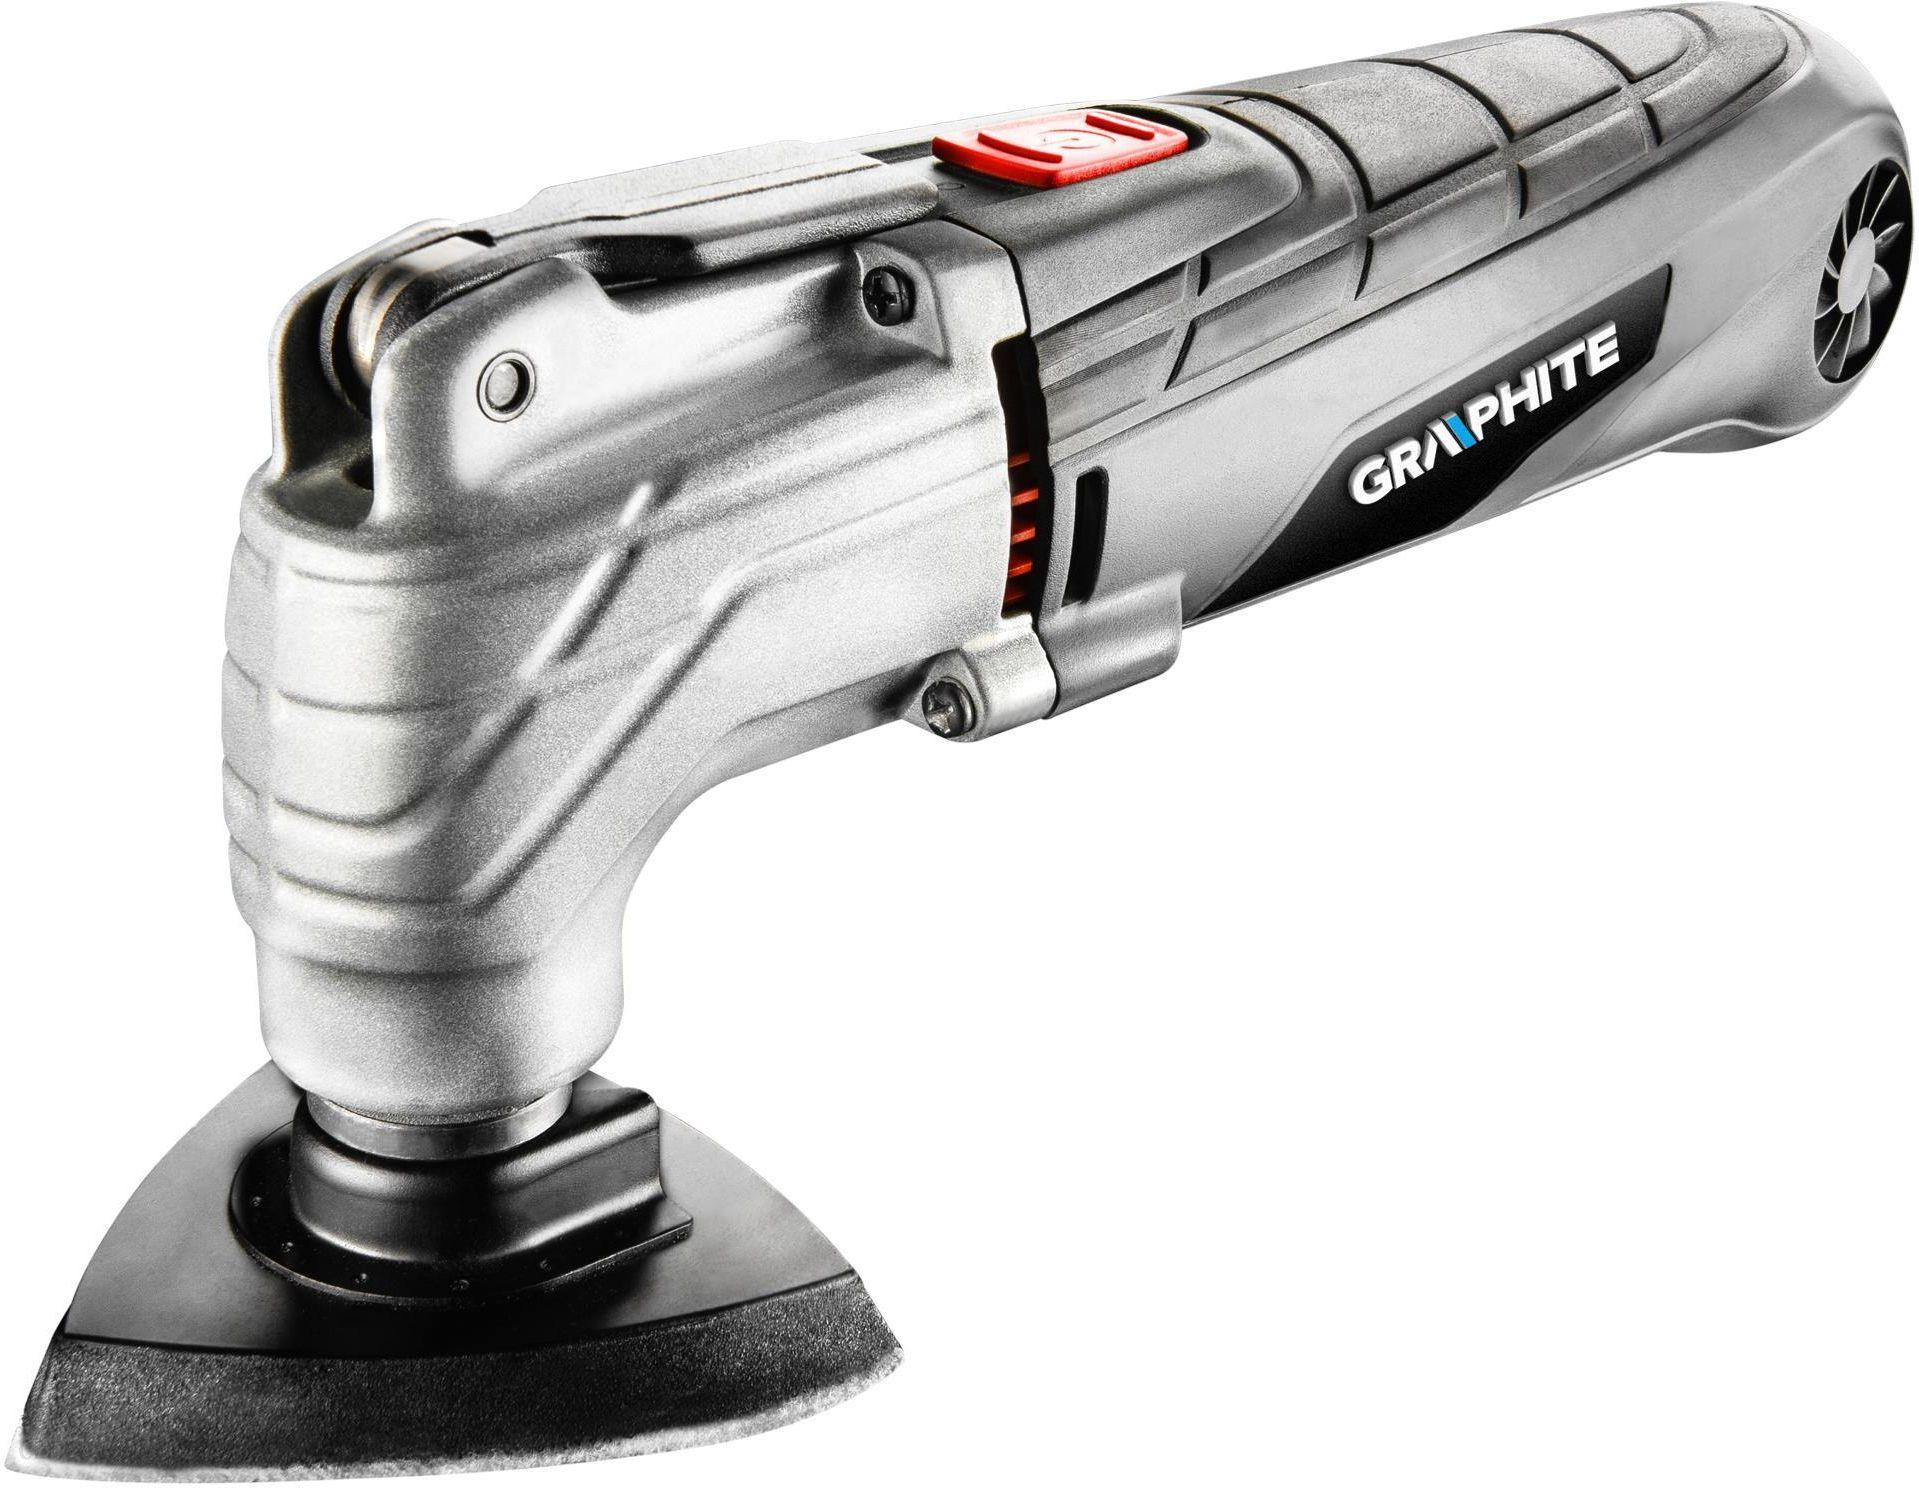 Graphite Urządzenie wielofunkcyjne 59G021